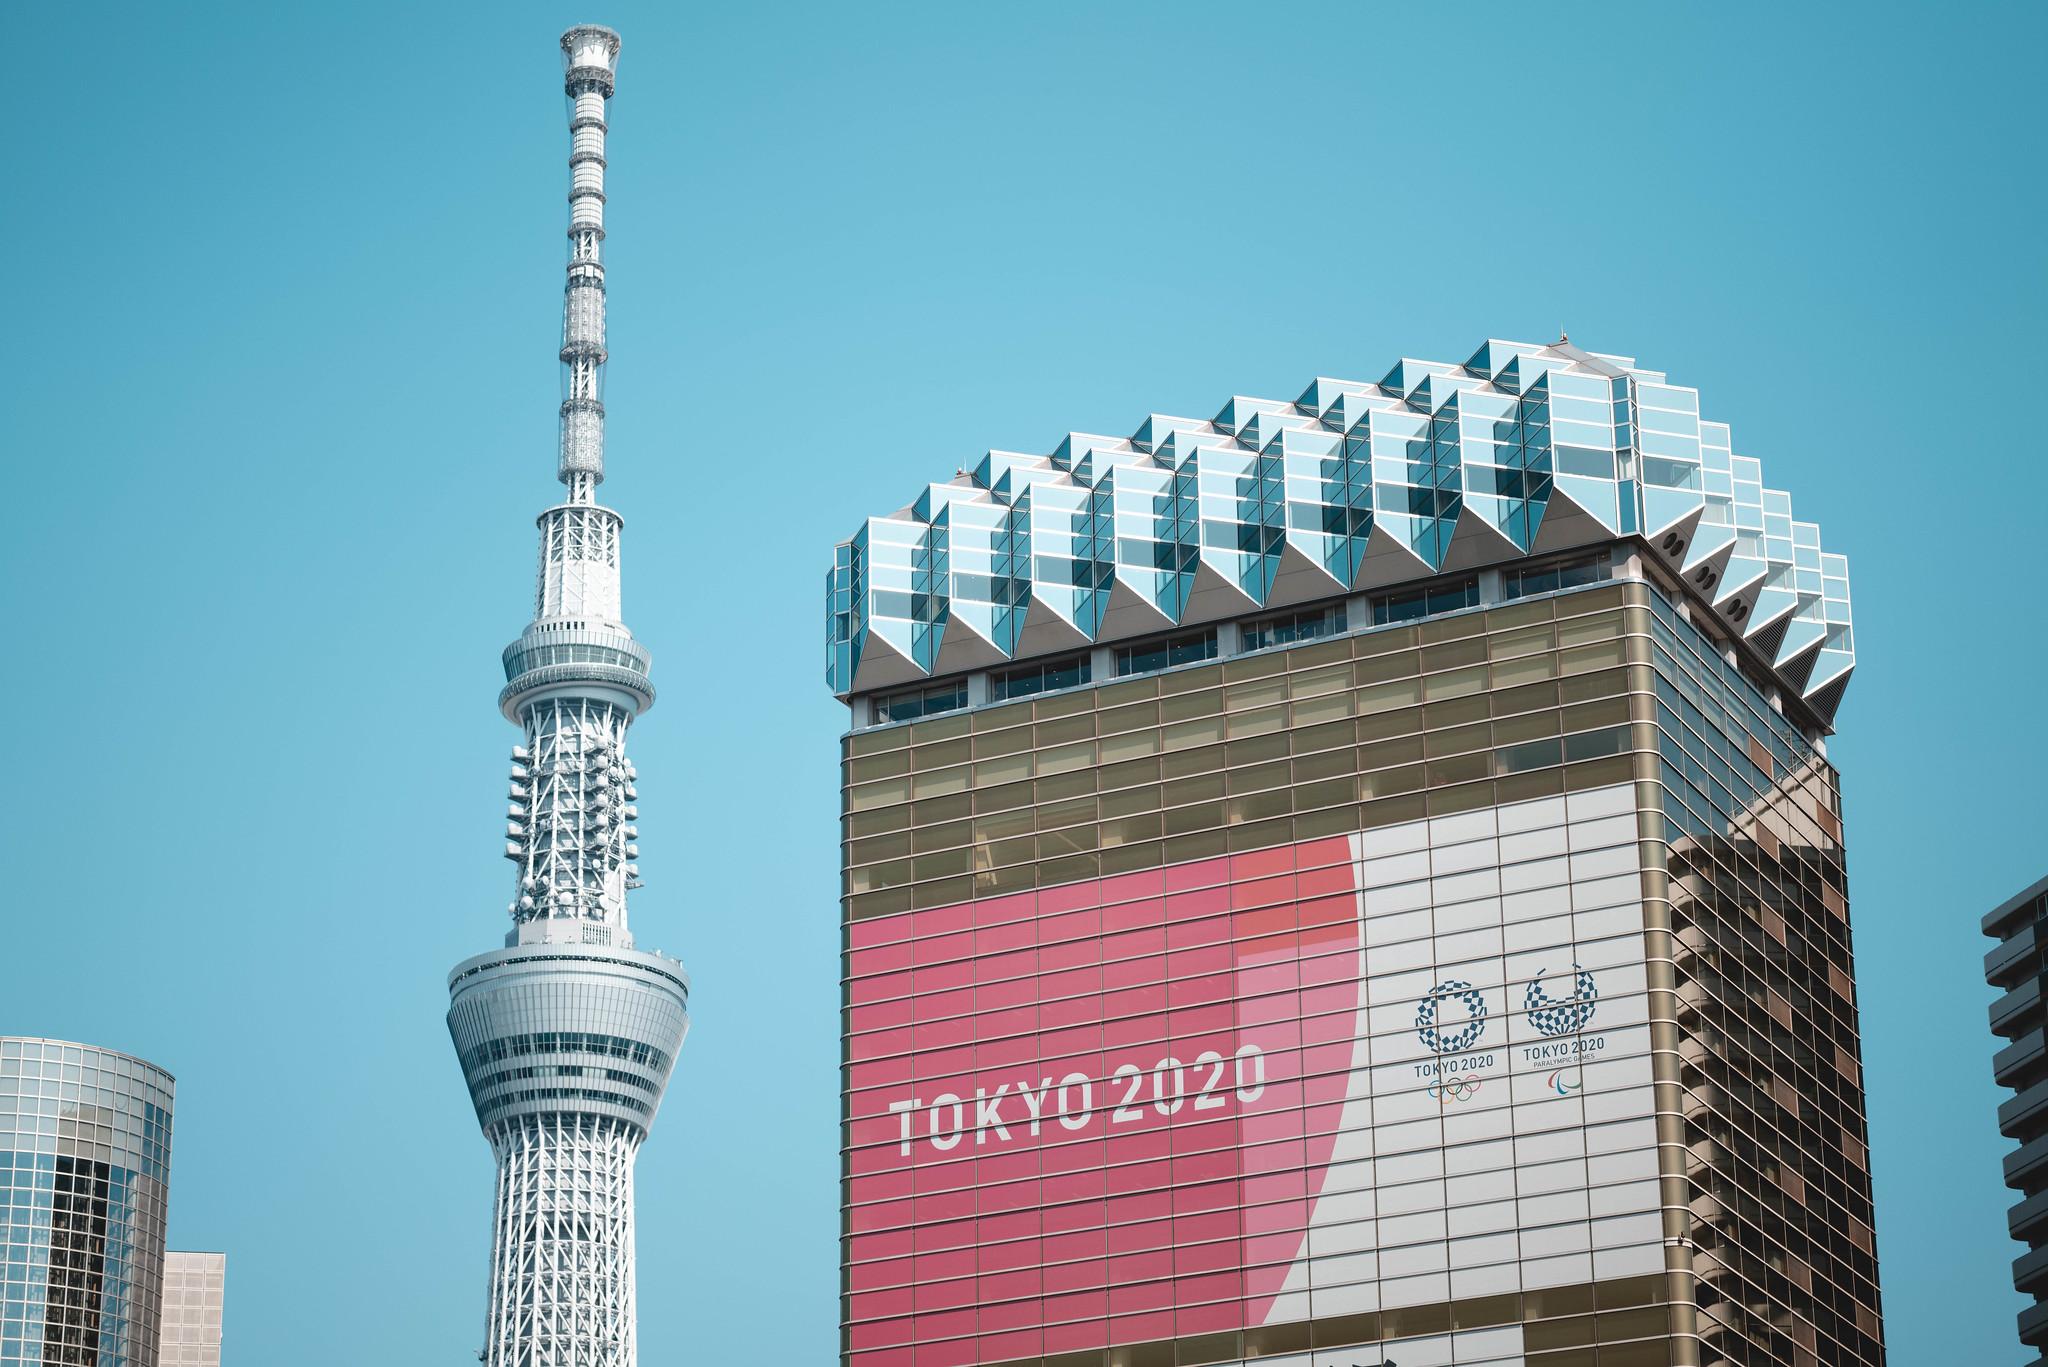 Tokyo 2020 in 2021